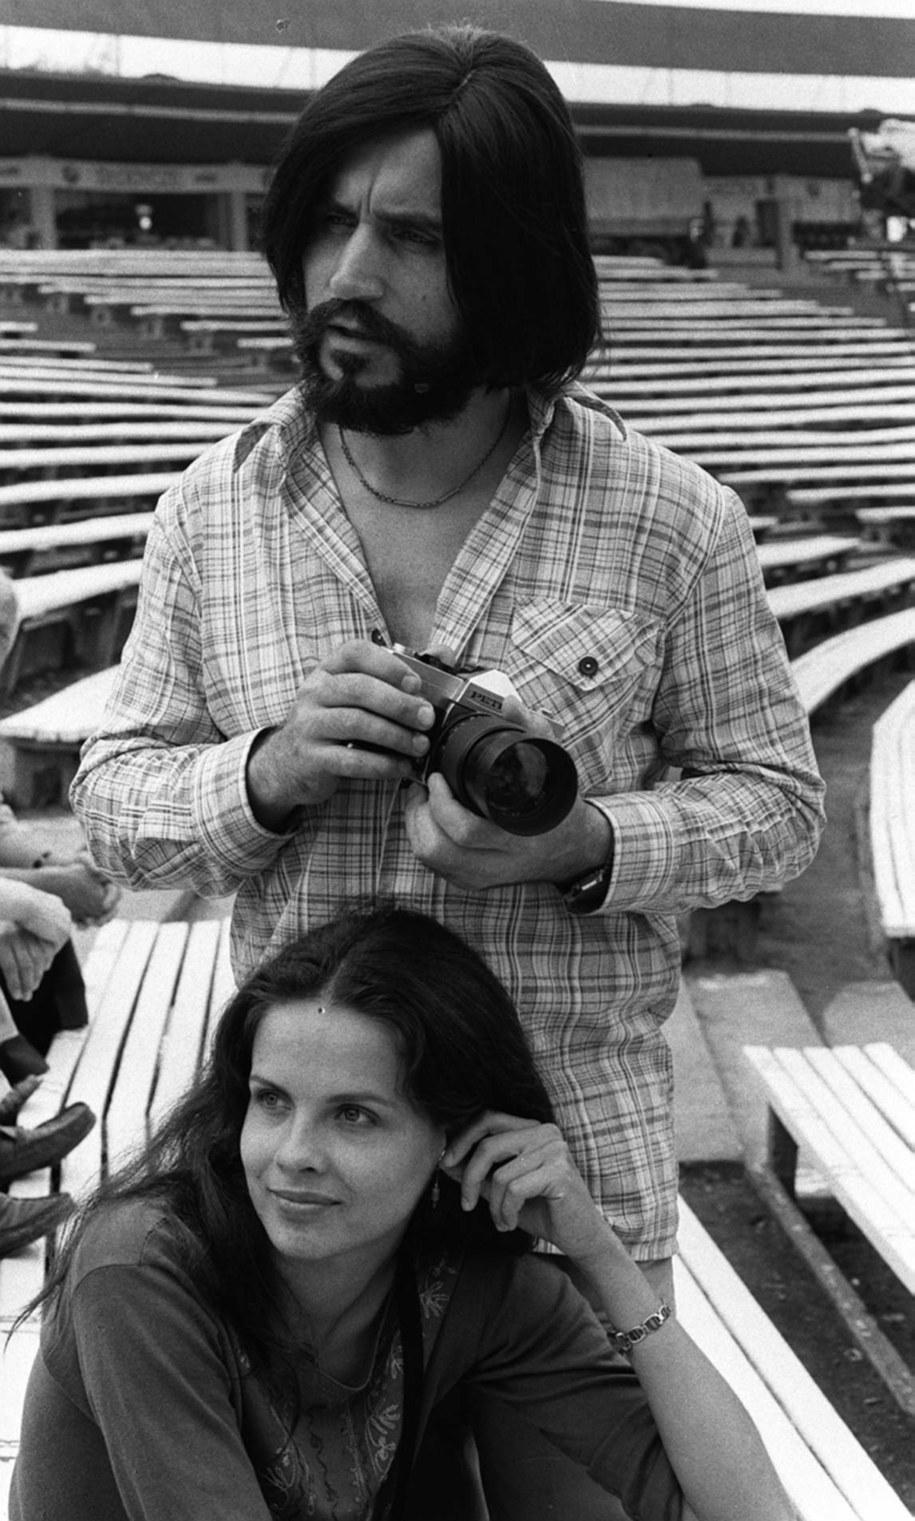 Czesław Niemen i jego żona Małgorzata na zdjęciu z 1979 roku /PAP/Marek Broniarek /PAP